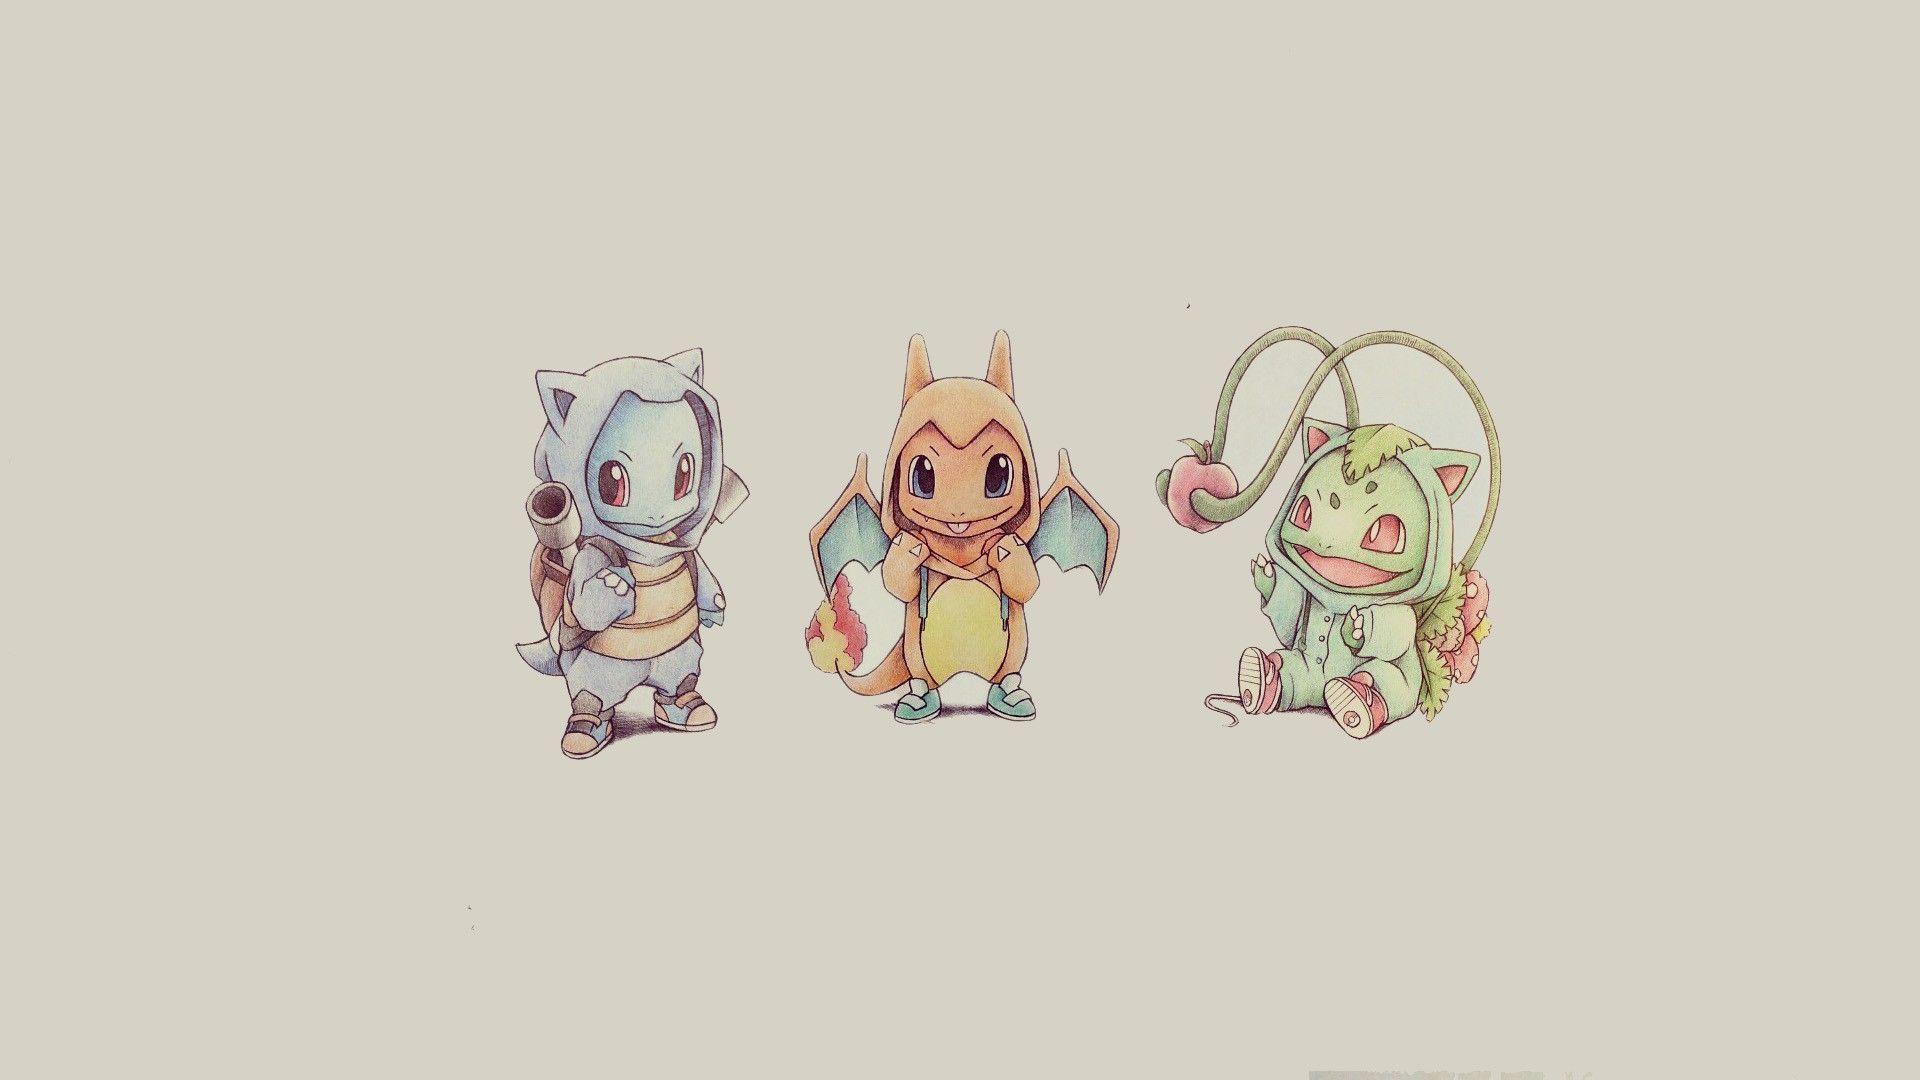 Pokemon wallpaper 12